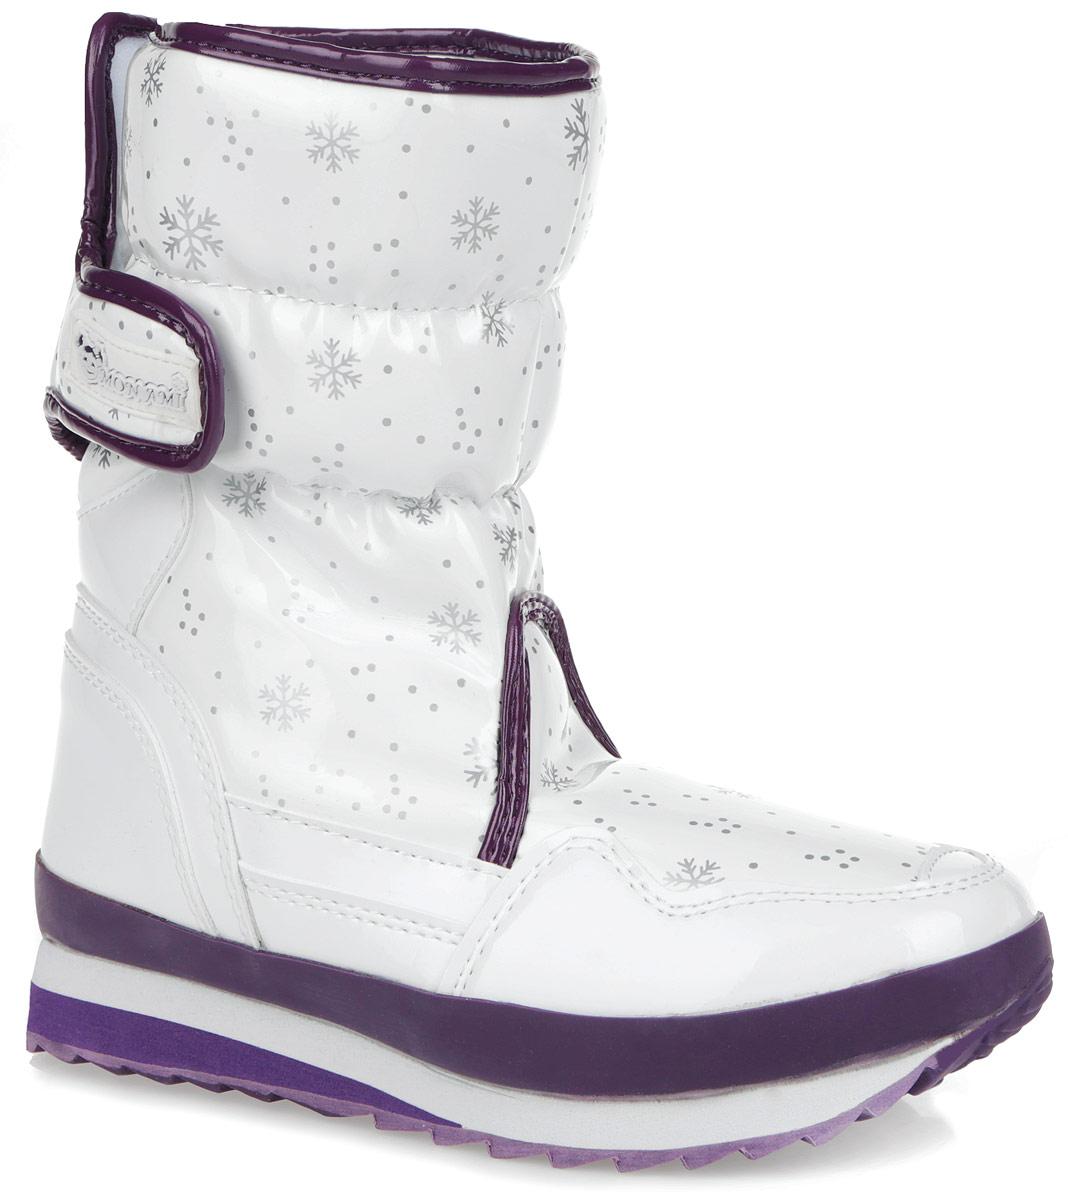 Дутики женские Mon Ami, цвет: белый, фиолетовый, серый. RC825-2-63. Размер 38RC825-2-63/WHITE+LILACПрактичные и удобные женские дутики от Mon Ami - отличный вариант на каждый день. Модель выполнена из искусственной лаковой кожи с отделкой контрастного цвета и декорирована оригинальным рисунком в виде снежинок. По ранту обувь дополнена вставкой из полимерного материала. Верх изделия оформлен двумя удобными застежками-липучками, которые надежно фиксируют модель на ноге и регулируют объем. Подкладка и анатомическая стелька, изготовленные из искусственного меха, согреют ноги в мороз и обеспечат уют. Сбоку дутики украшены нашивкой из ПВХ с логотипом бренда. Подошва из полимерного термопластичного материала - с противоскользящим рифлением. Удобные дутики придутся вам по душе.